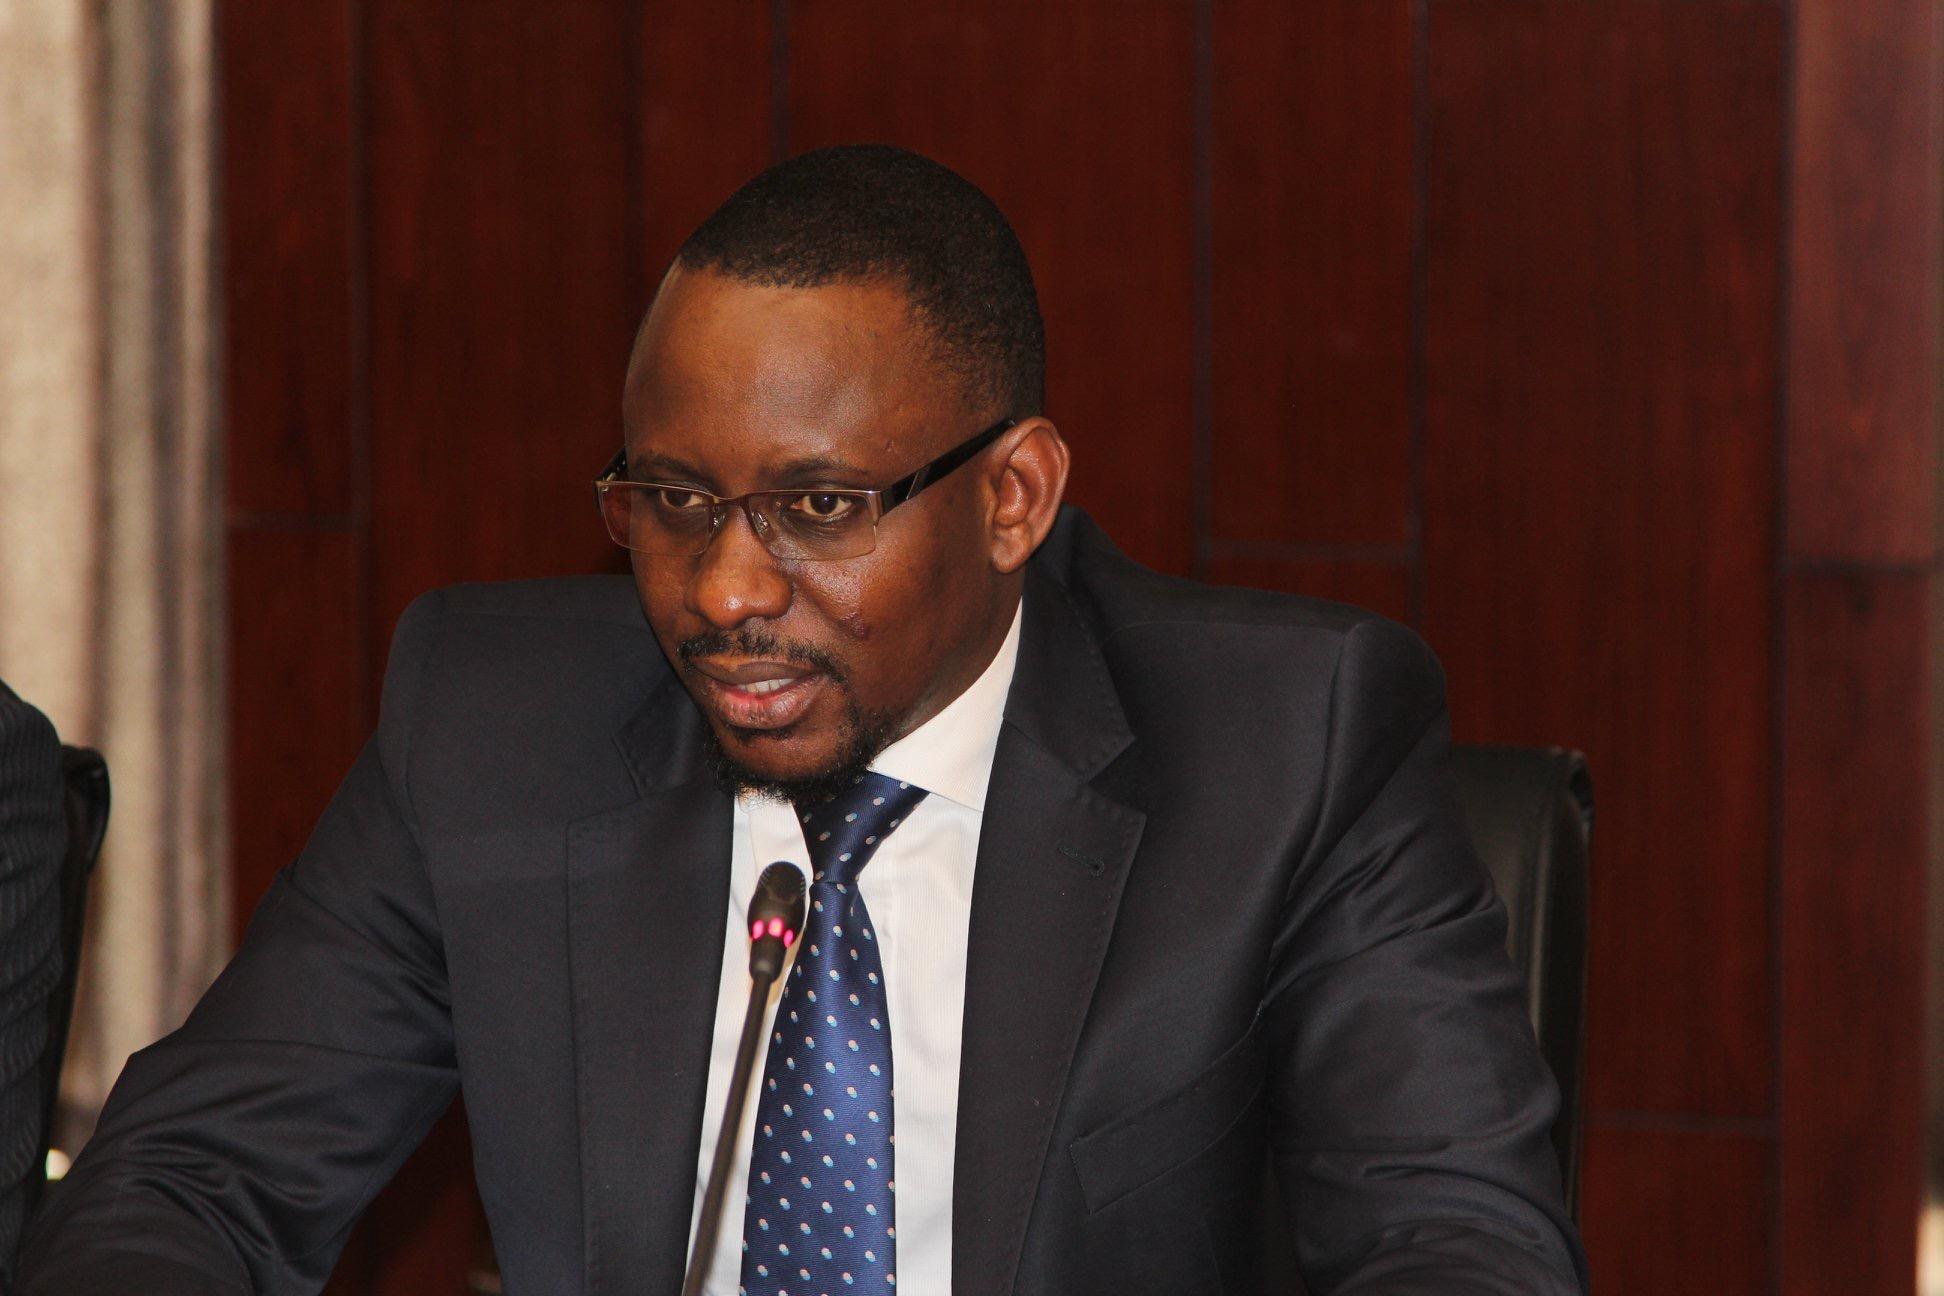 Réunion du Comité de Pilotage du Programme de Partenariat Pays (PCP) Sénégal ONUDI / Le ministre Moustapha Diop rassure : «L'année 2020 sera celle de l'Industrie...» (DISCOURS)